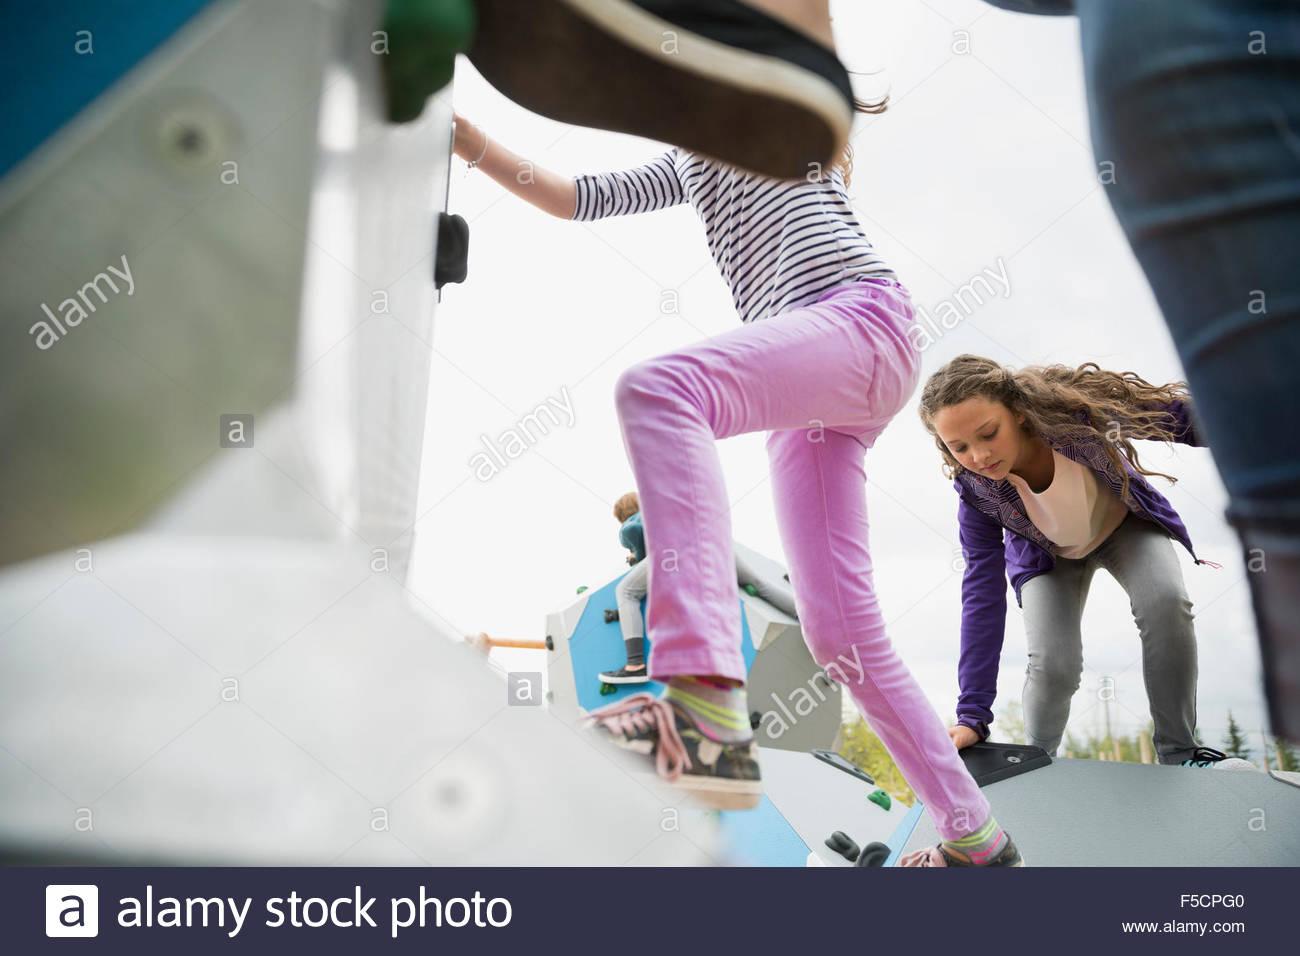 Las formas geométricas de escalada para niños en el parque infantil Imagen De Stock